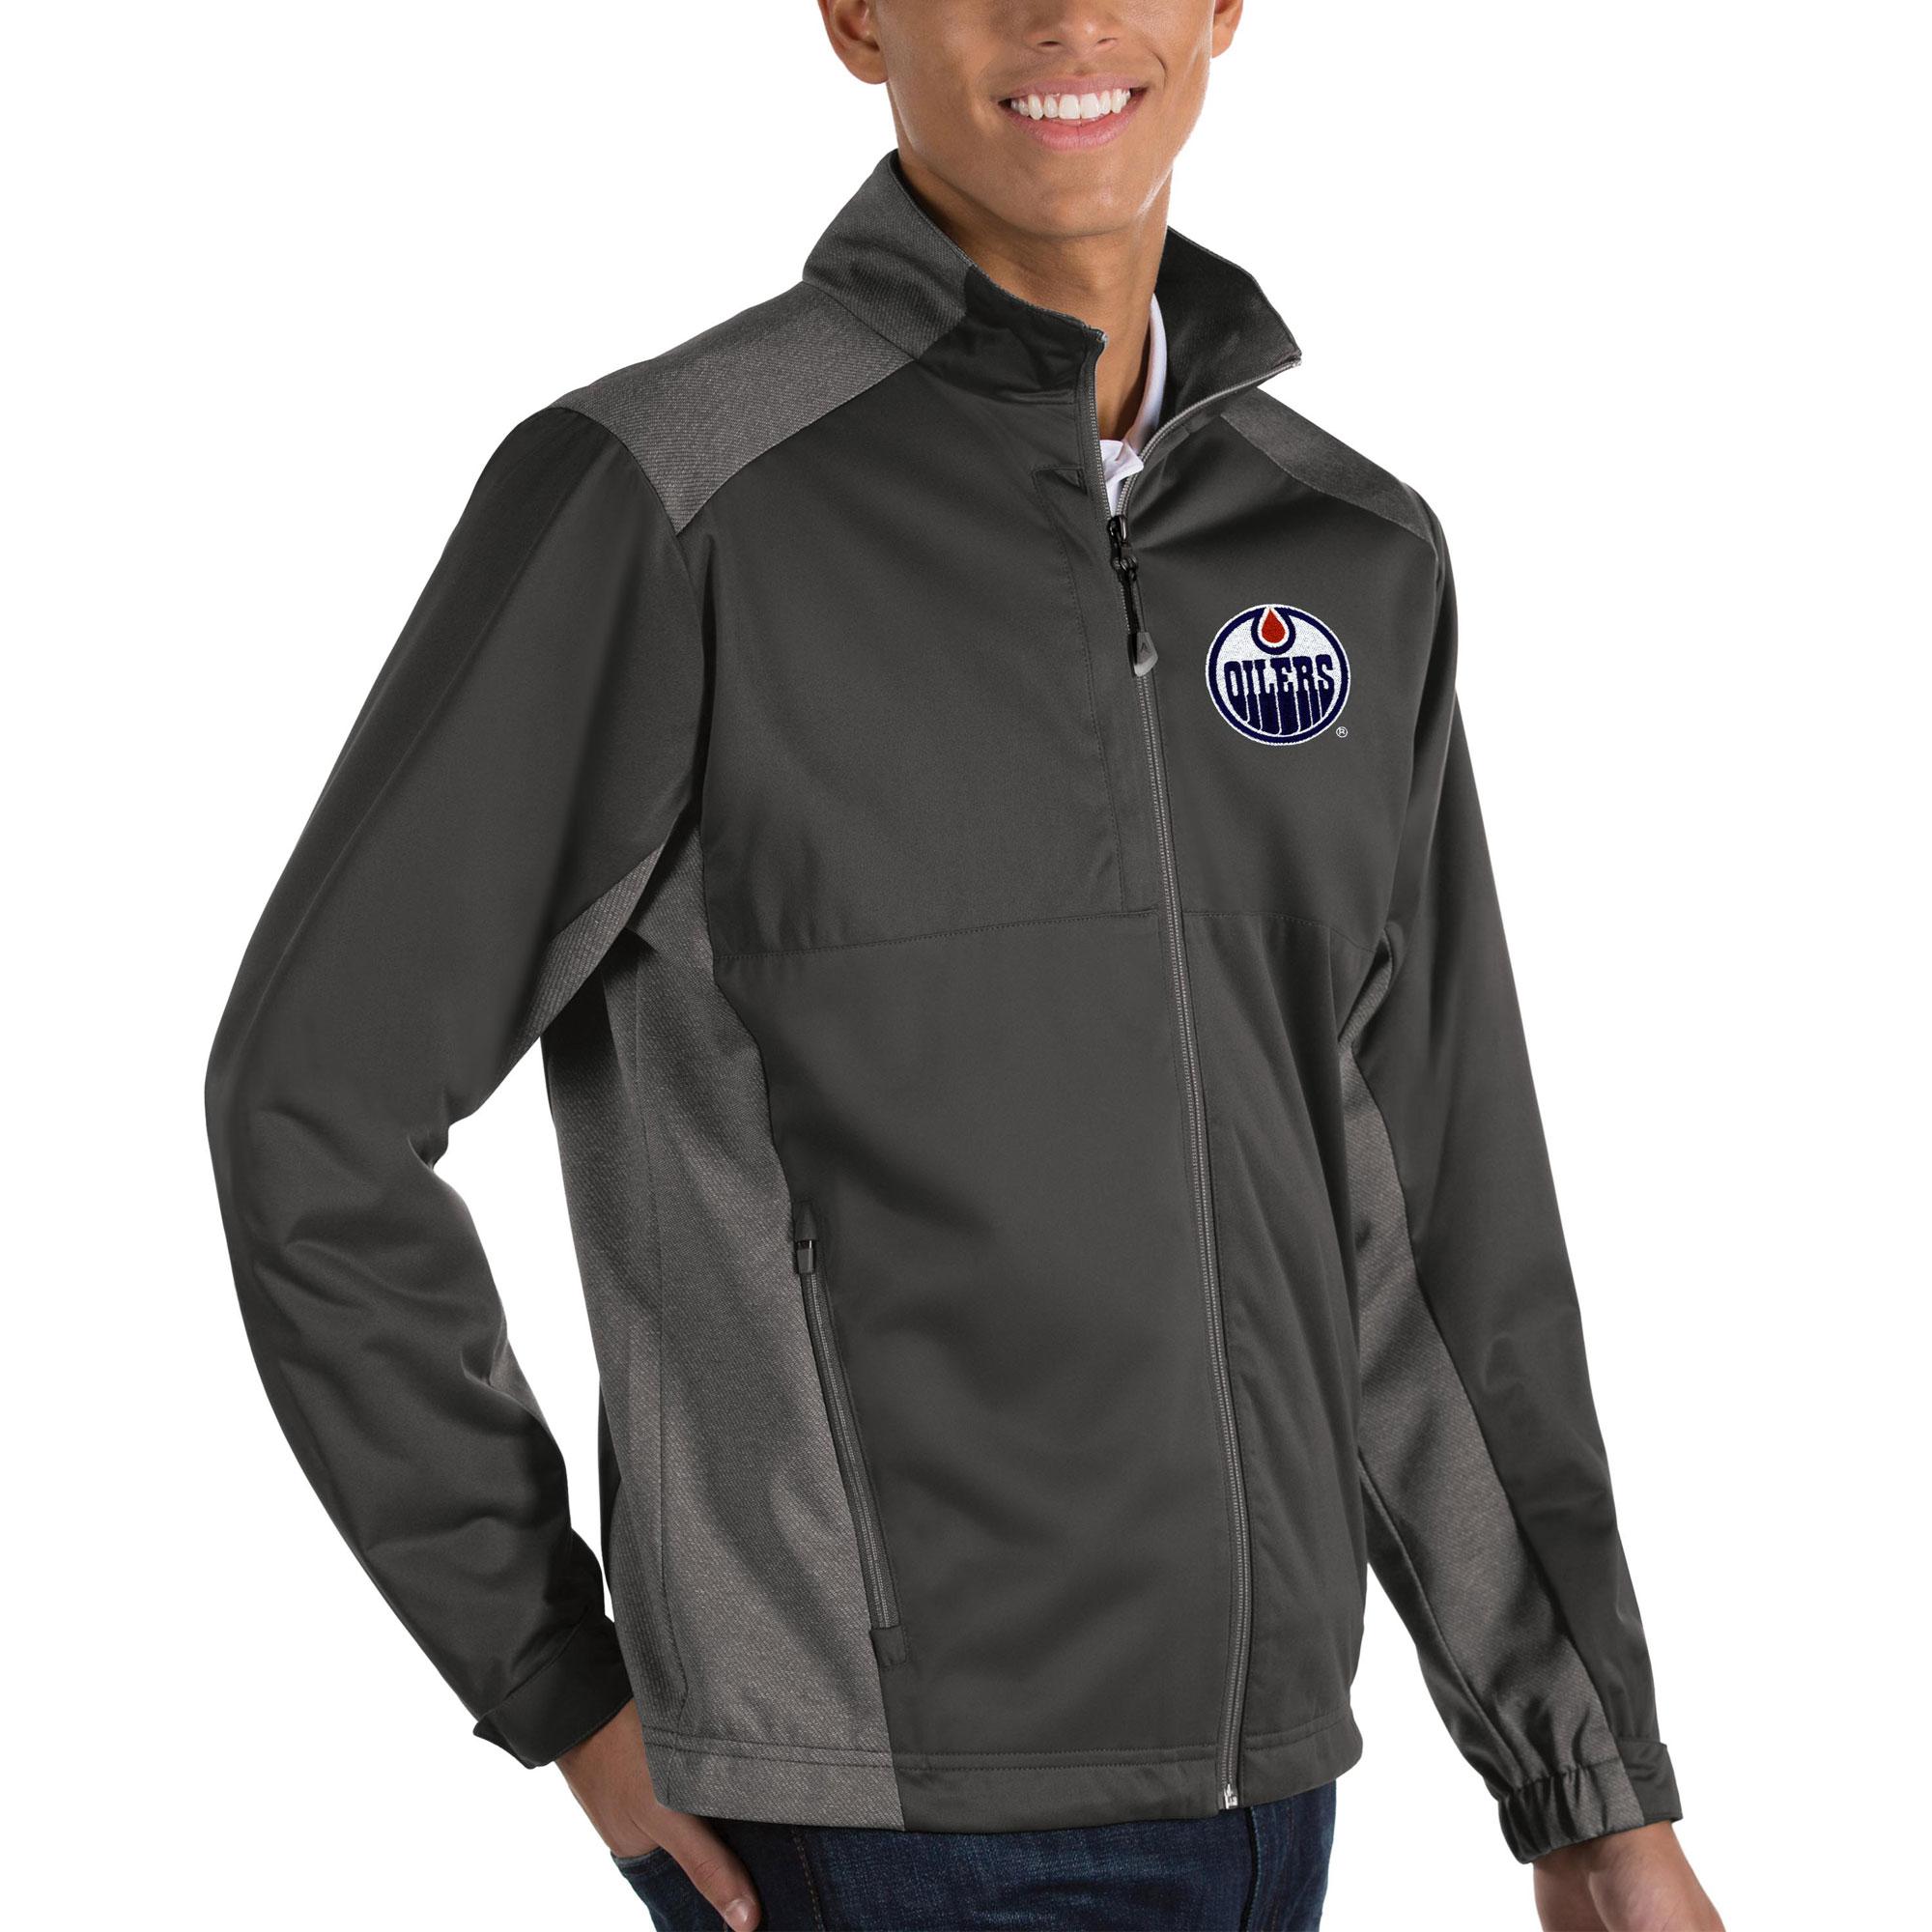 Edmonton Oilers Antigua Revolve II Full Zip Jacket - Charcoal